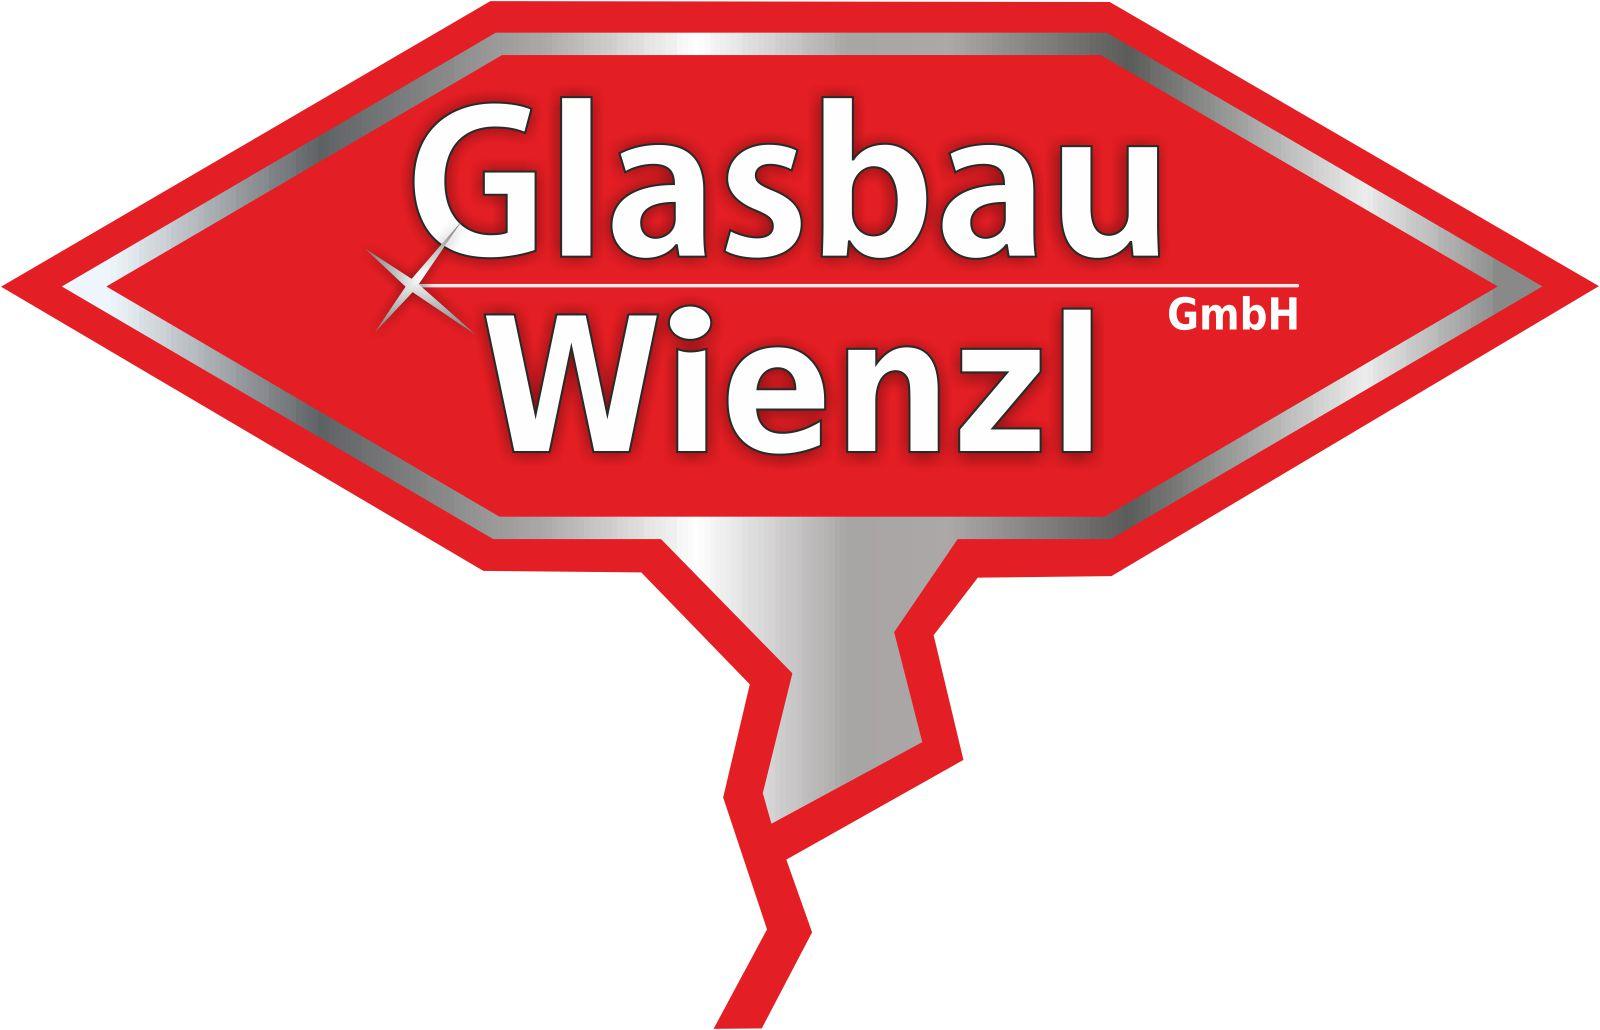 Glasbau Wienzl GmbH